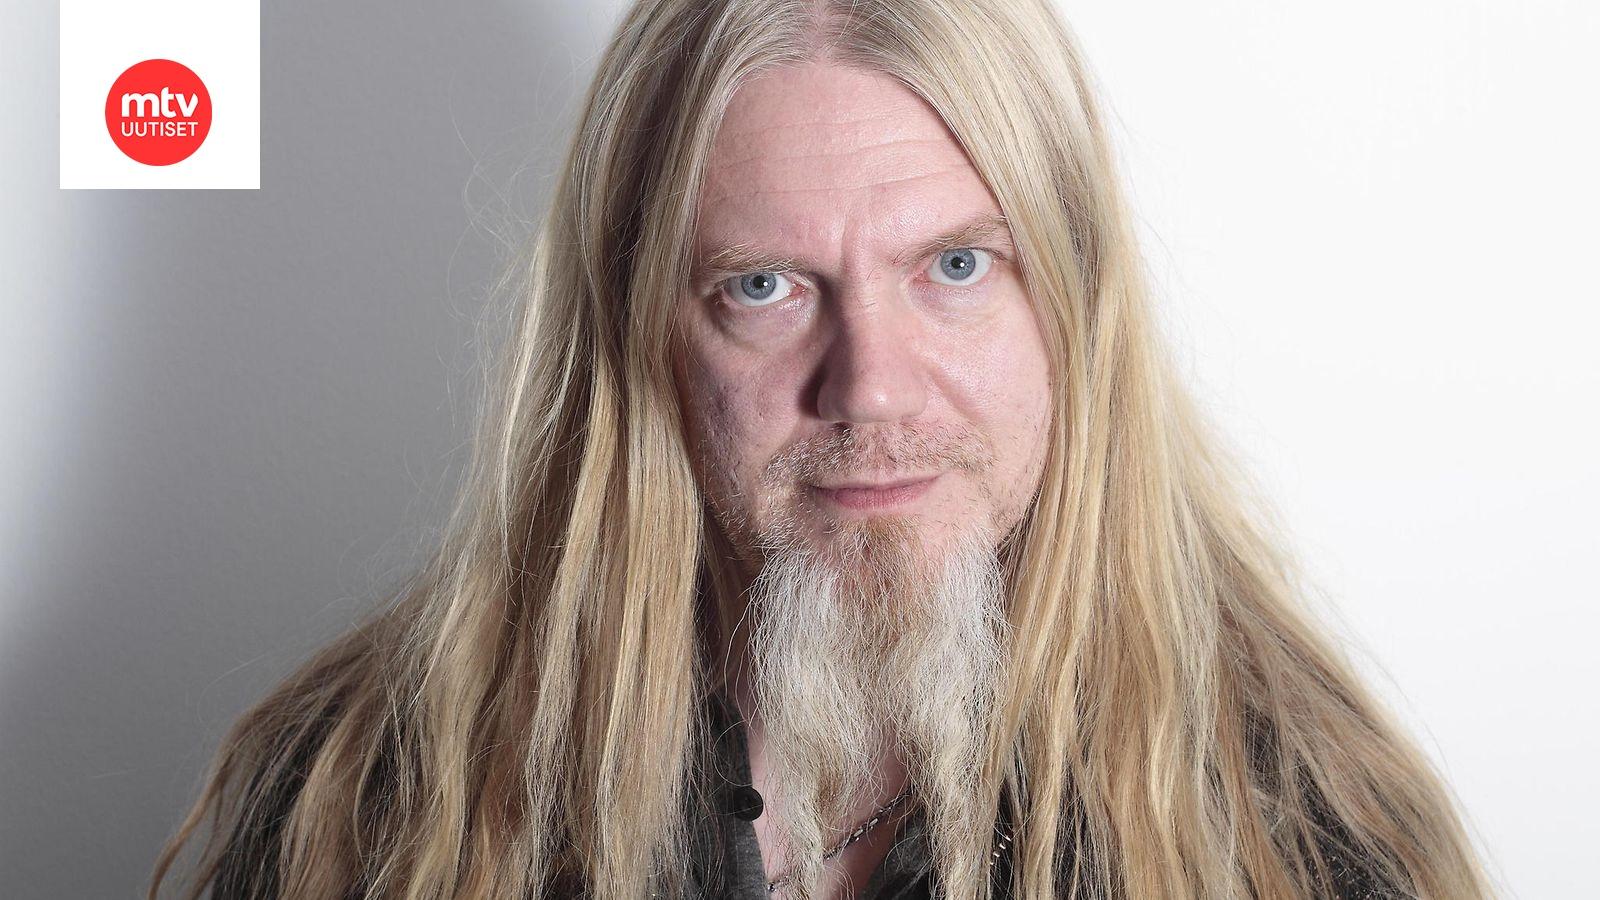 Marko Hietala jättää Nightwishin - MTVuutiset.fi